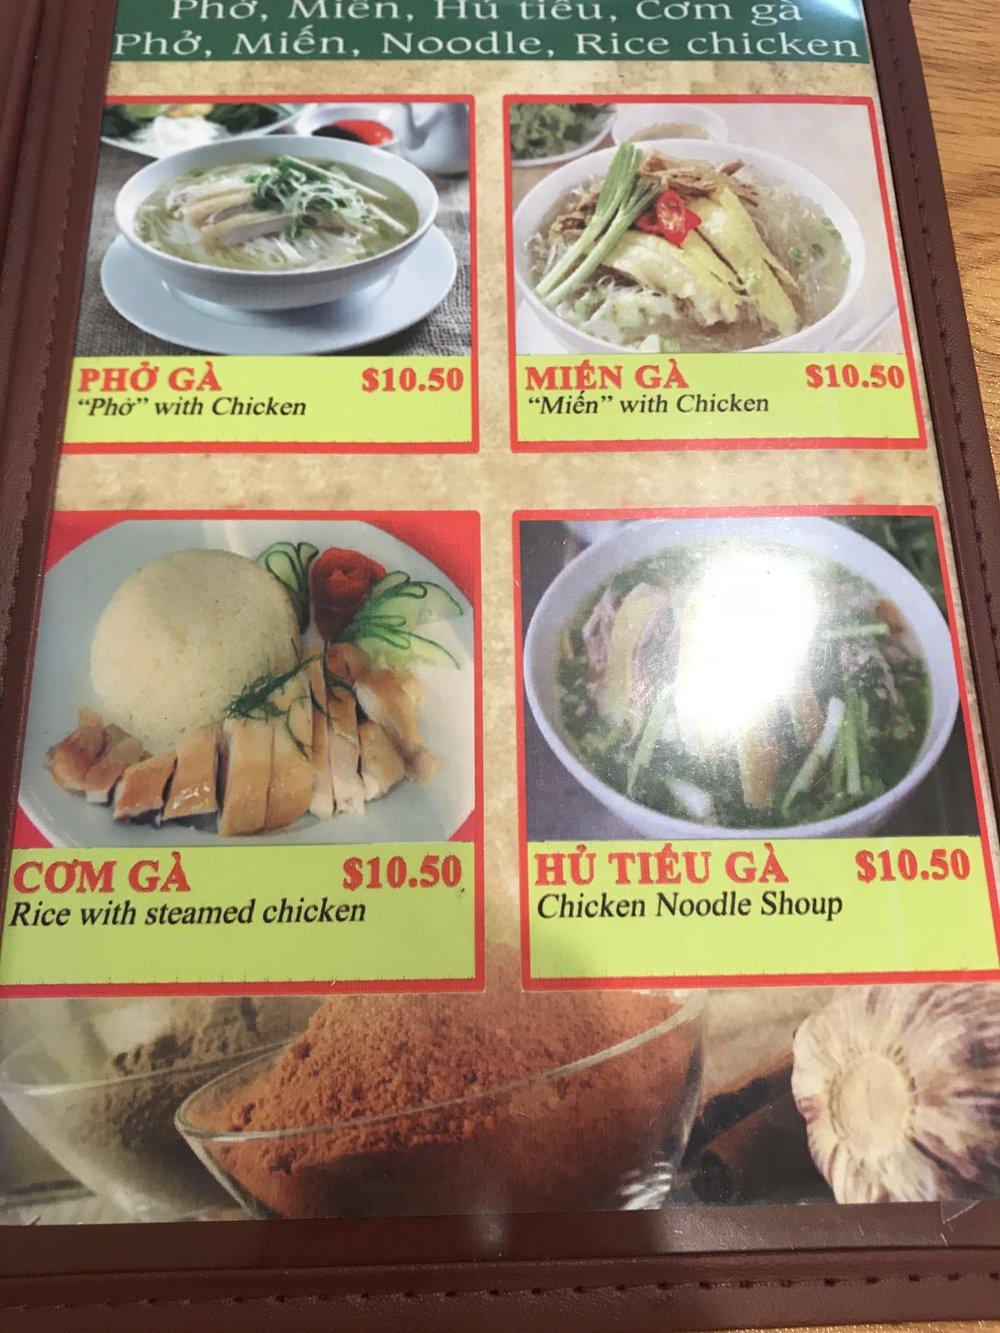 Kien Giang Quan's Chicken Menu